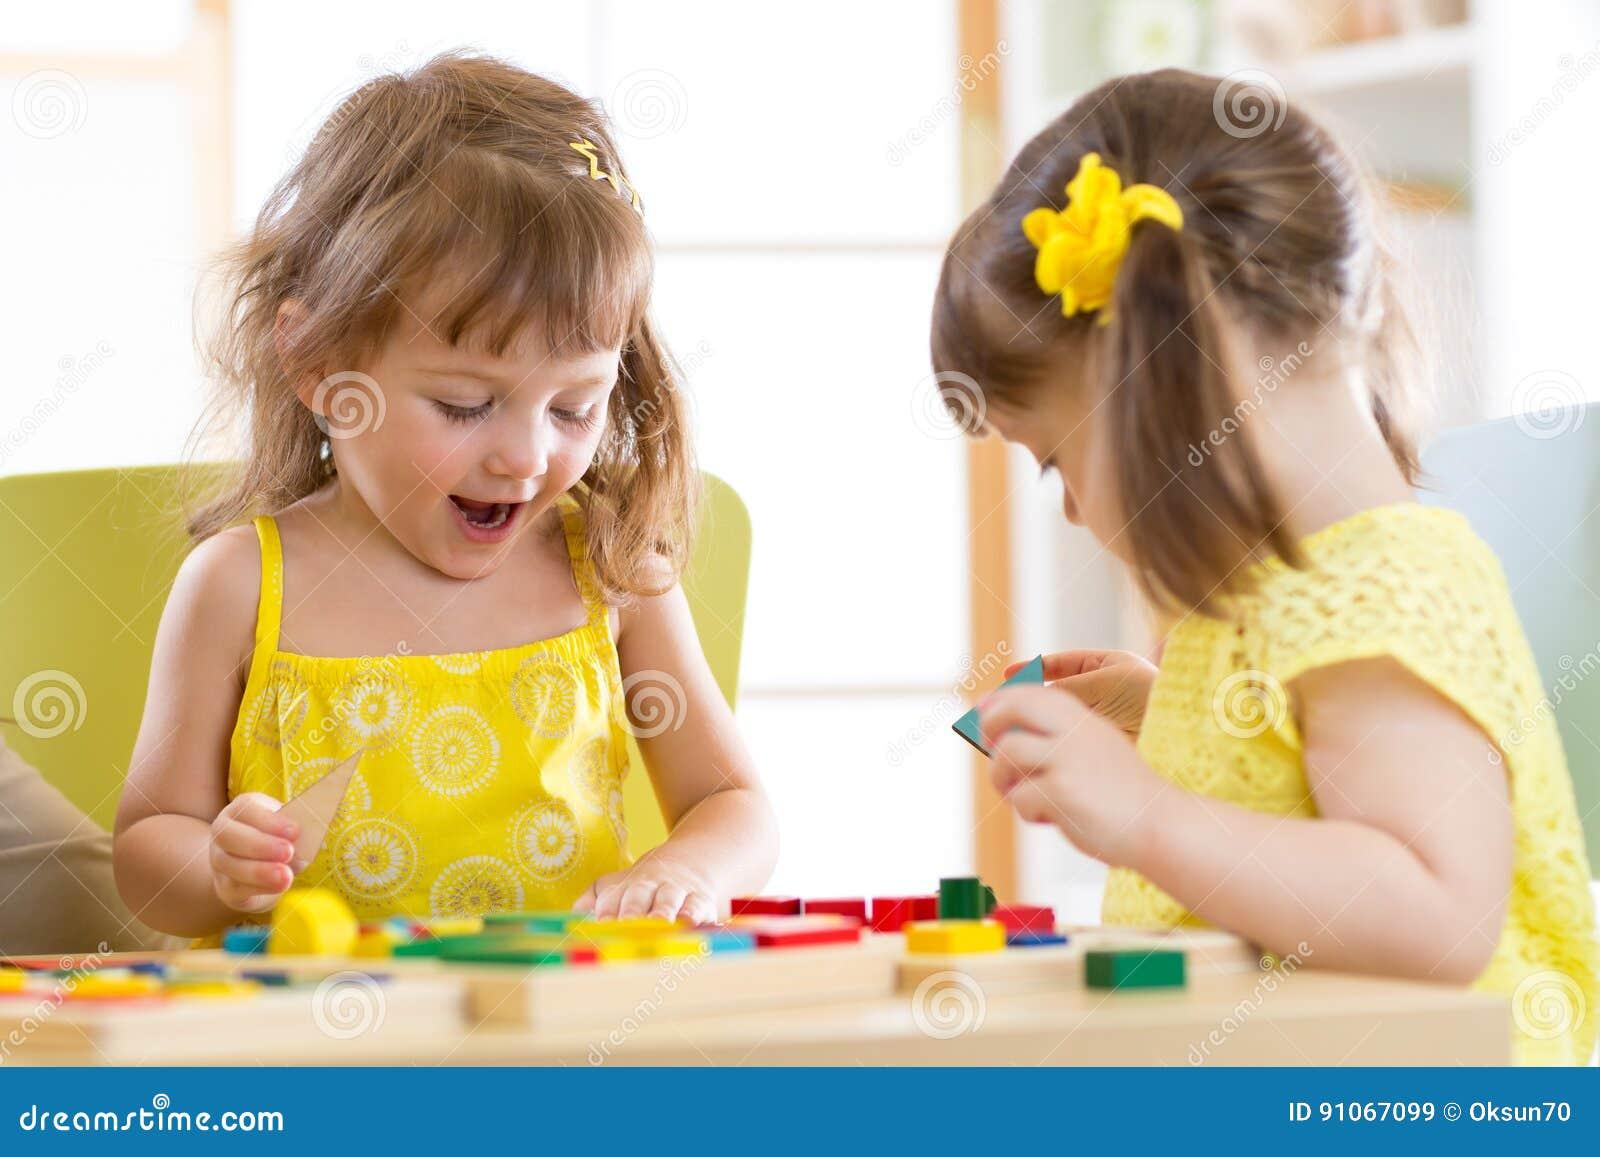 Παιδιά που παίζουν με τα ζωηρόχρωμα παιχνίδια φραγμών Δύο κορίτσια παιδιών στο σπίτι ή κέντρο φύλαξης Εκπαιδευτικά παιχνίδια παιδ